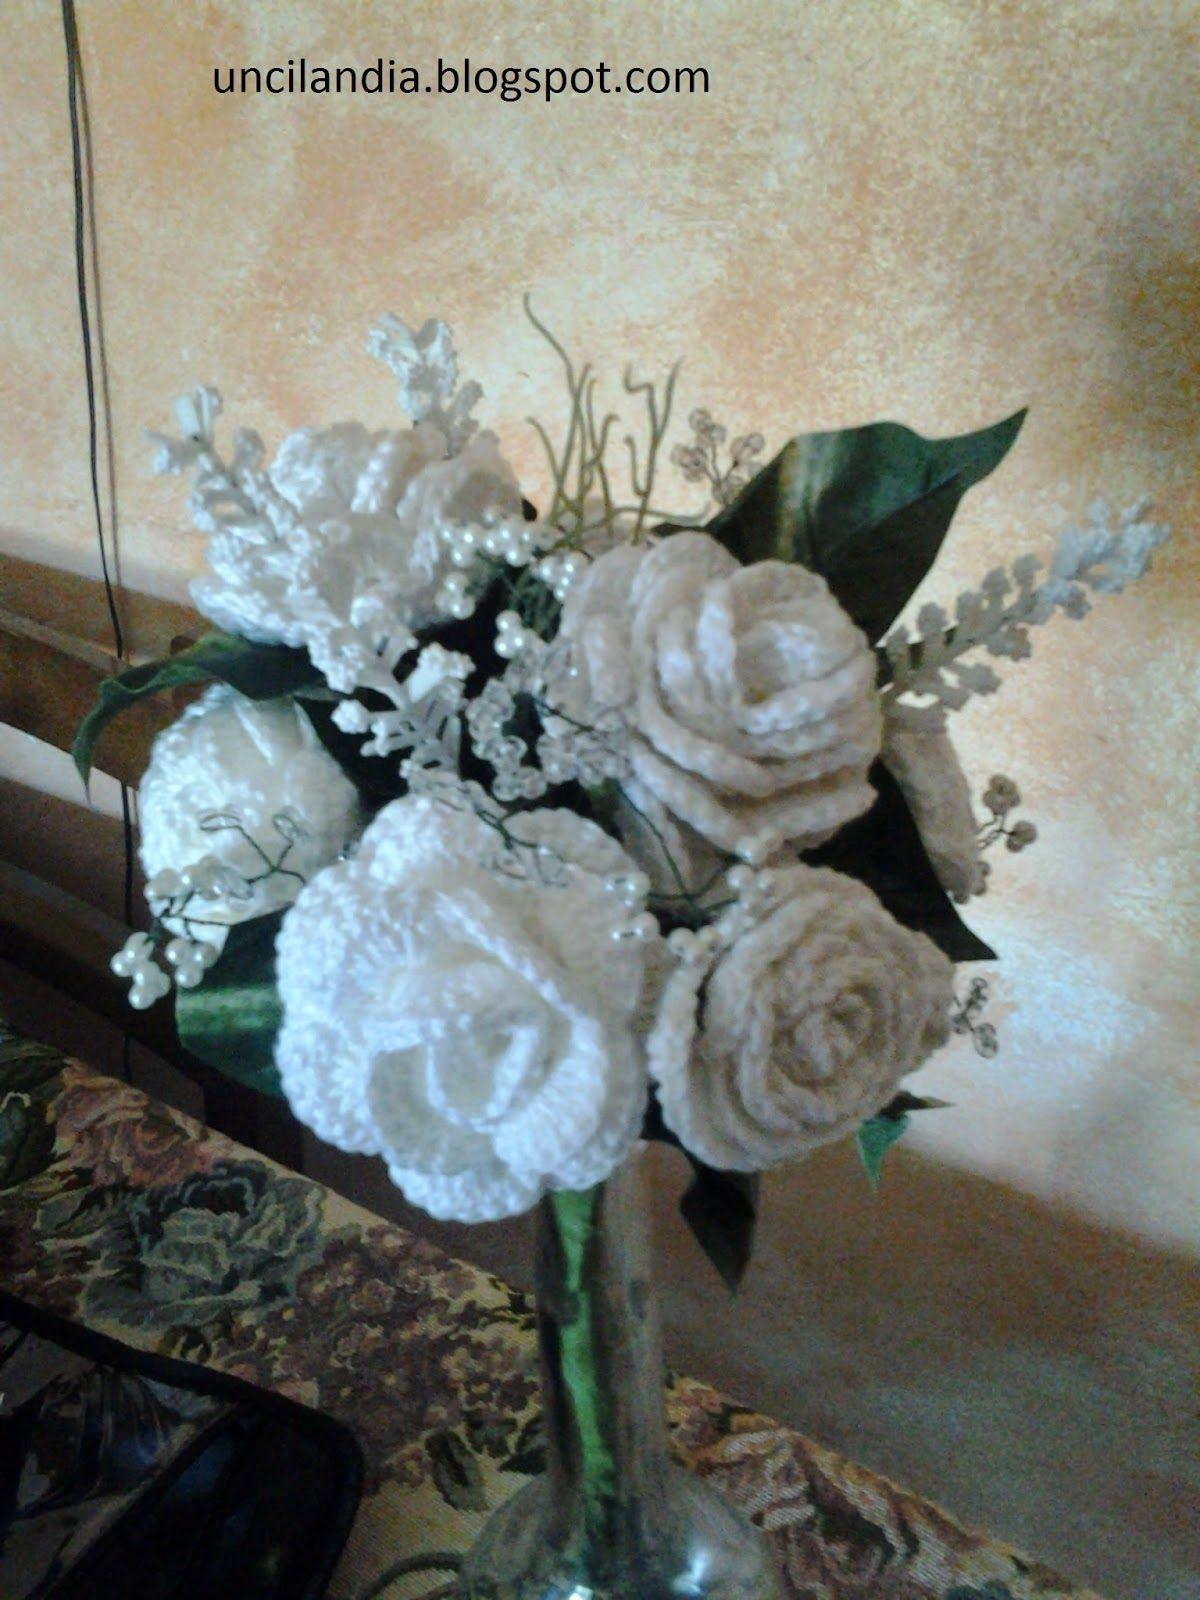 Bouquet Sposa Uncinetto Tutorial.Uncilandia Bouquet Di Rose All Uncinetto Bouquet Of Roses C